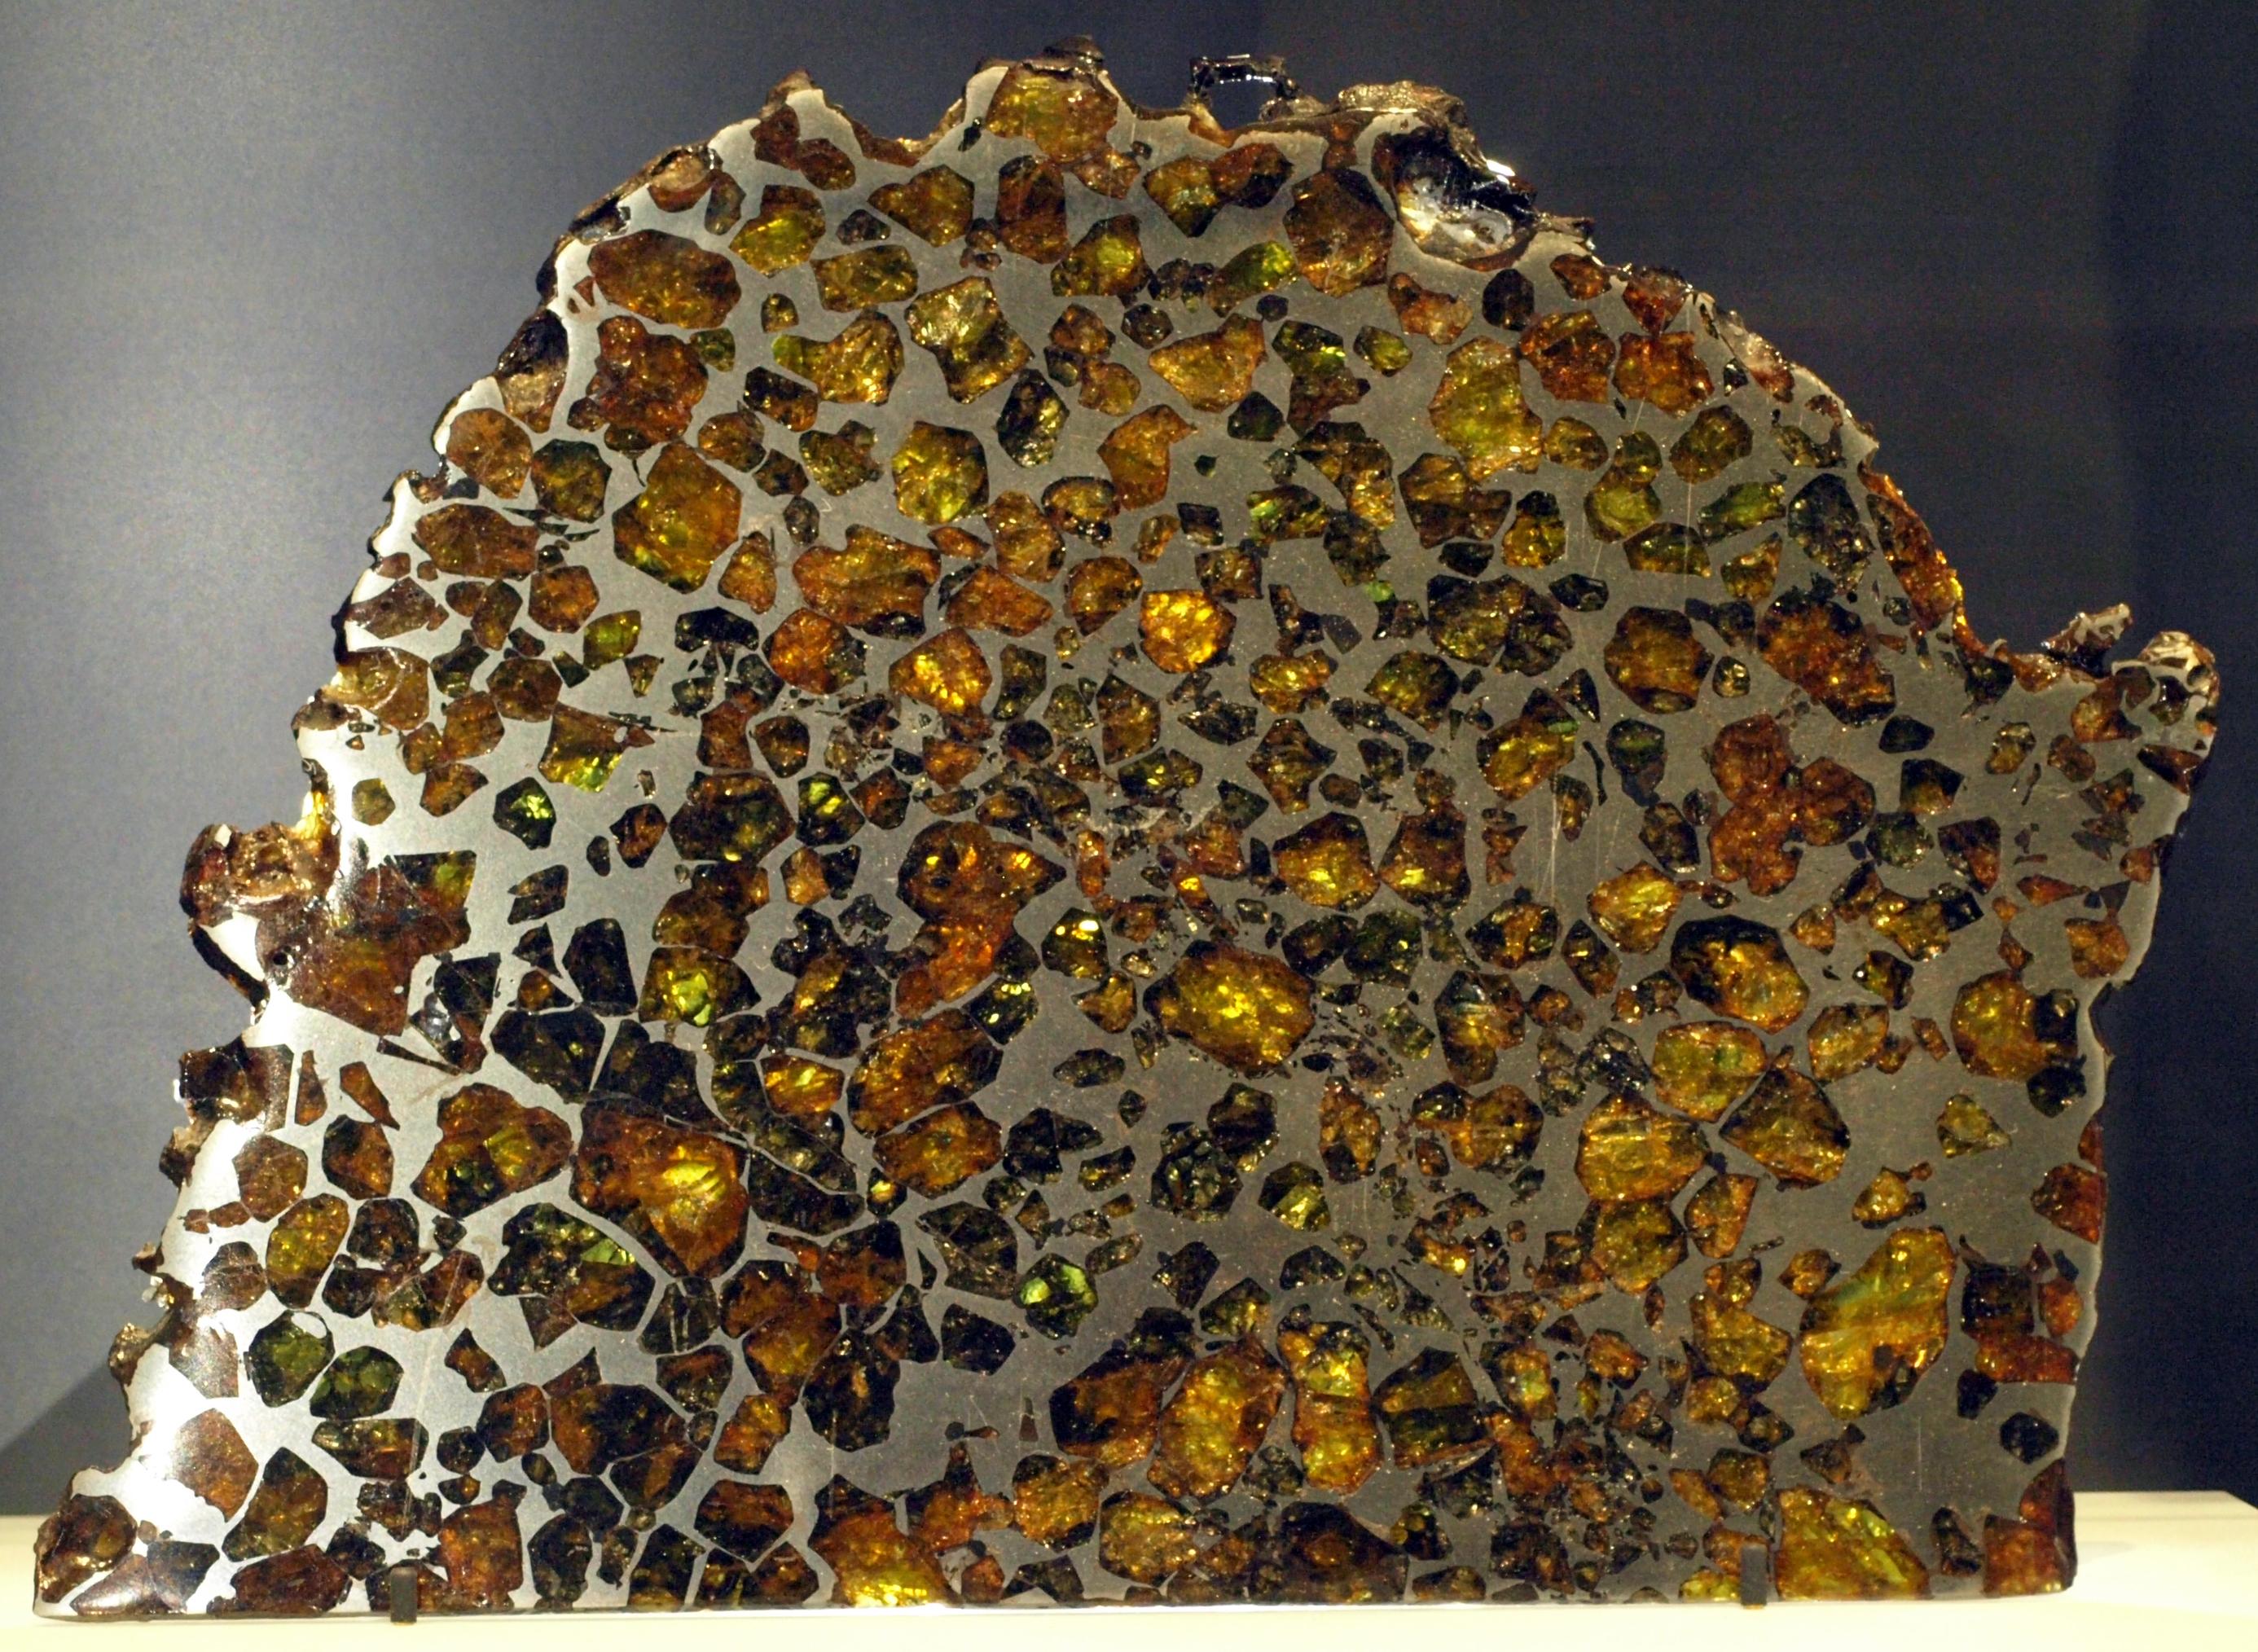 Esquel Pallasite meteorite